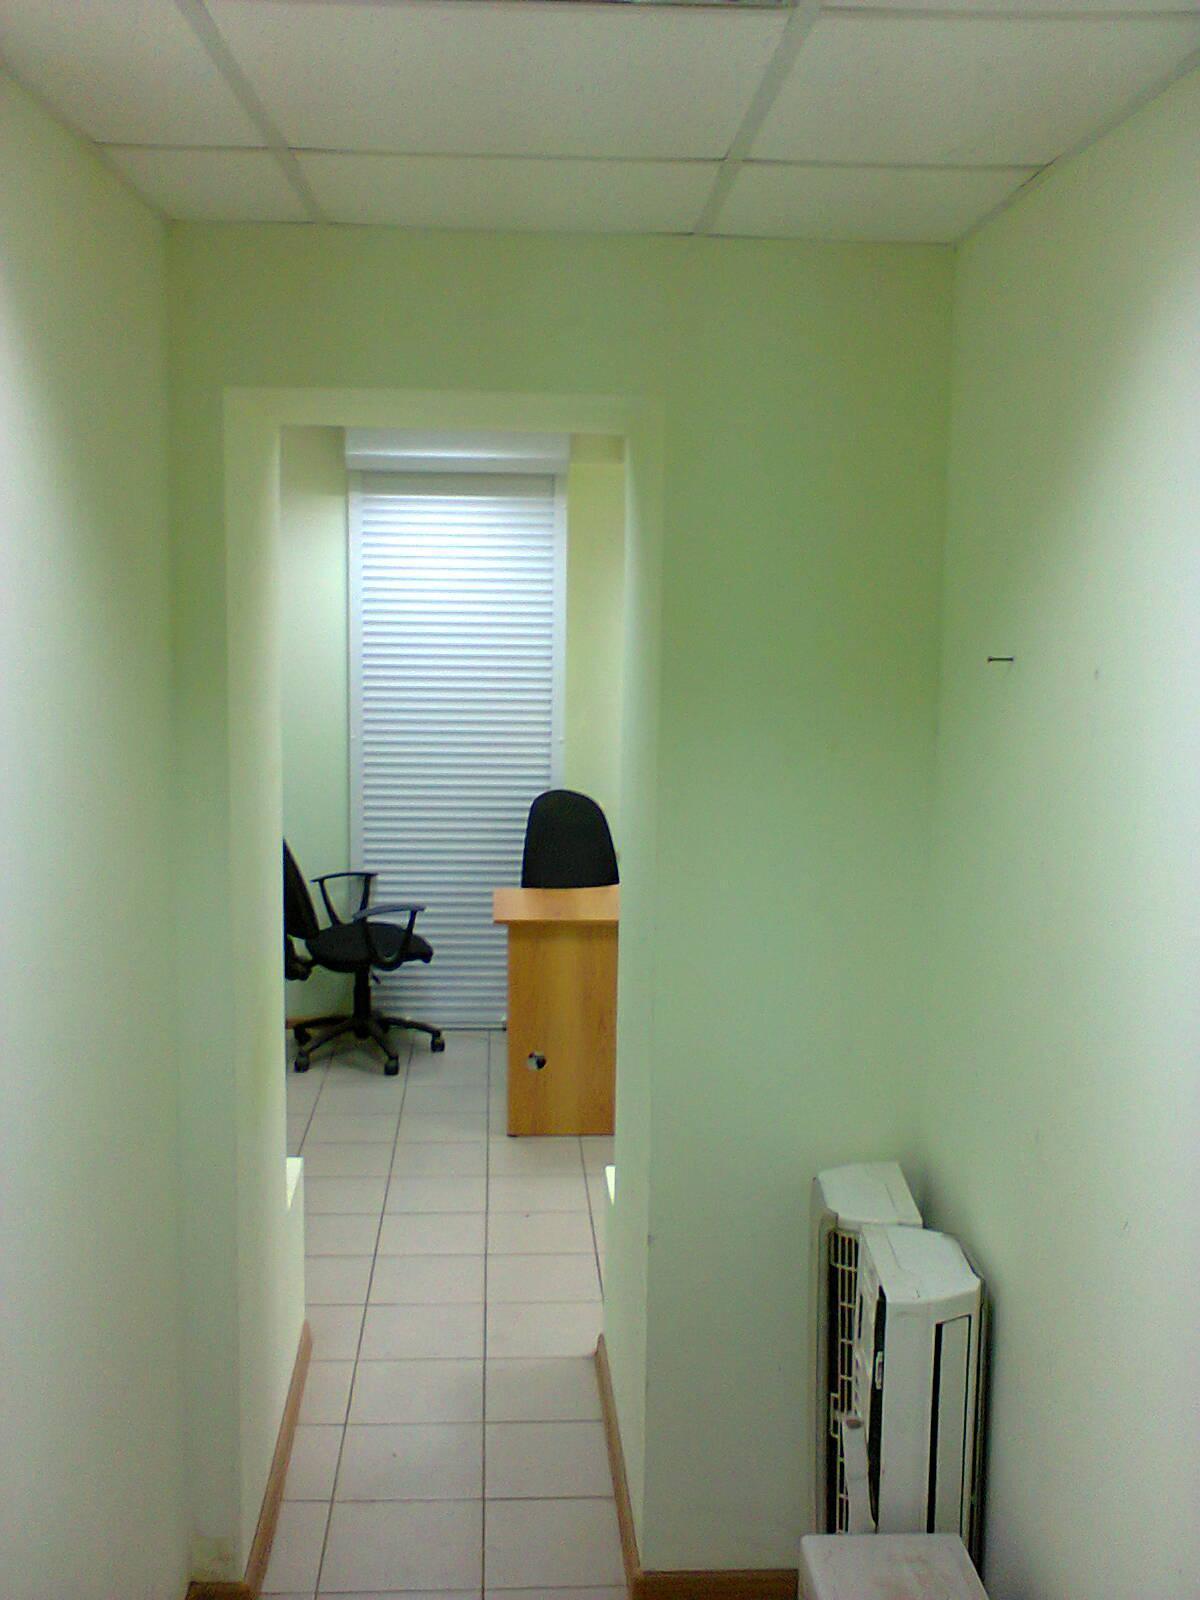 Сдается в аренду помещение свободного назначения 400 кв.м по ул. 9 Января d8a2803a3da